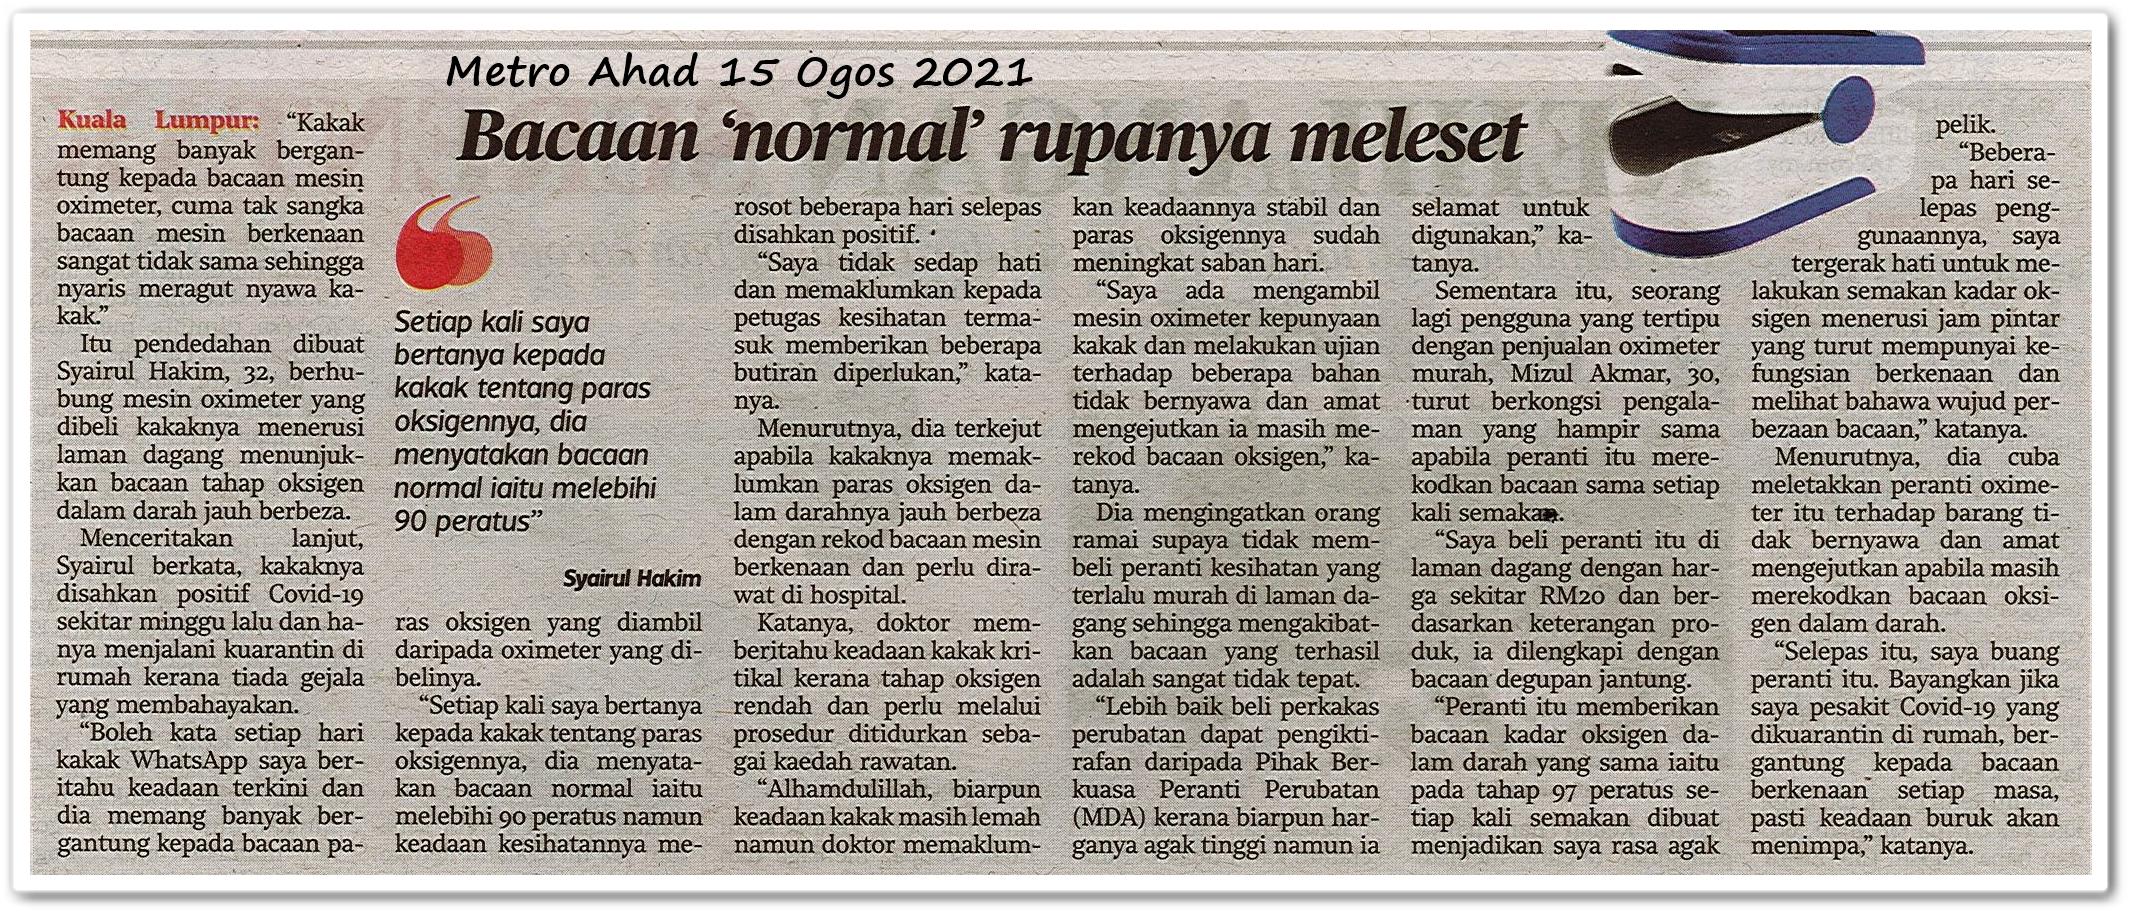 Bacaan 'normal' rupanya meleset - Keratan akhbar Metro Ahad 15 Ogos 2021